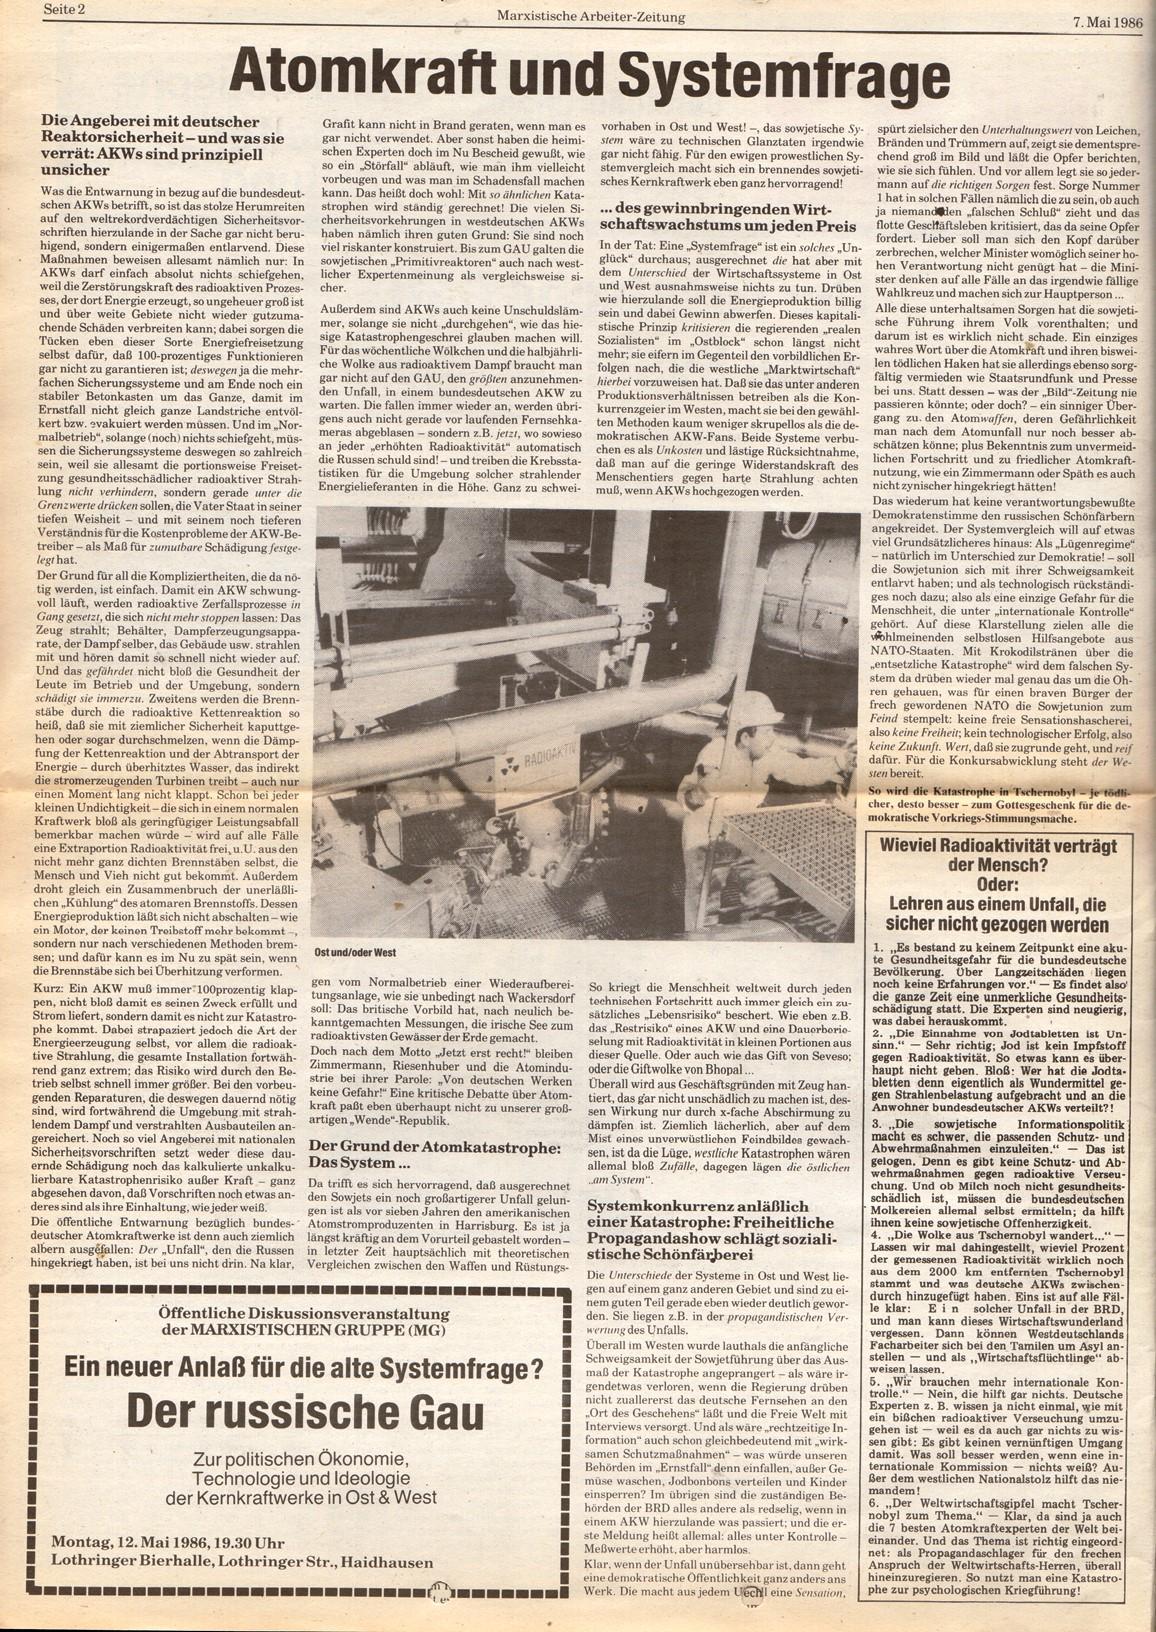 Muenchen_MG_MAZ_Versicherungen_19860507_02